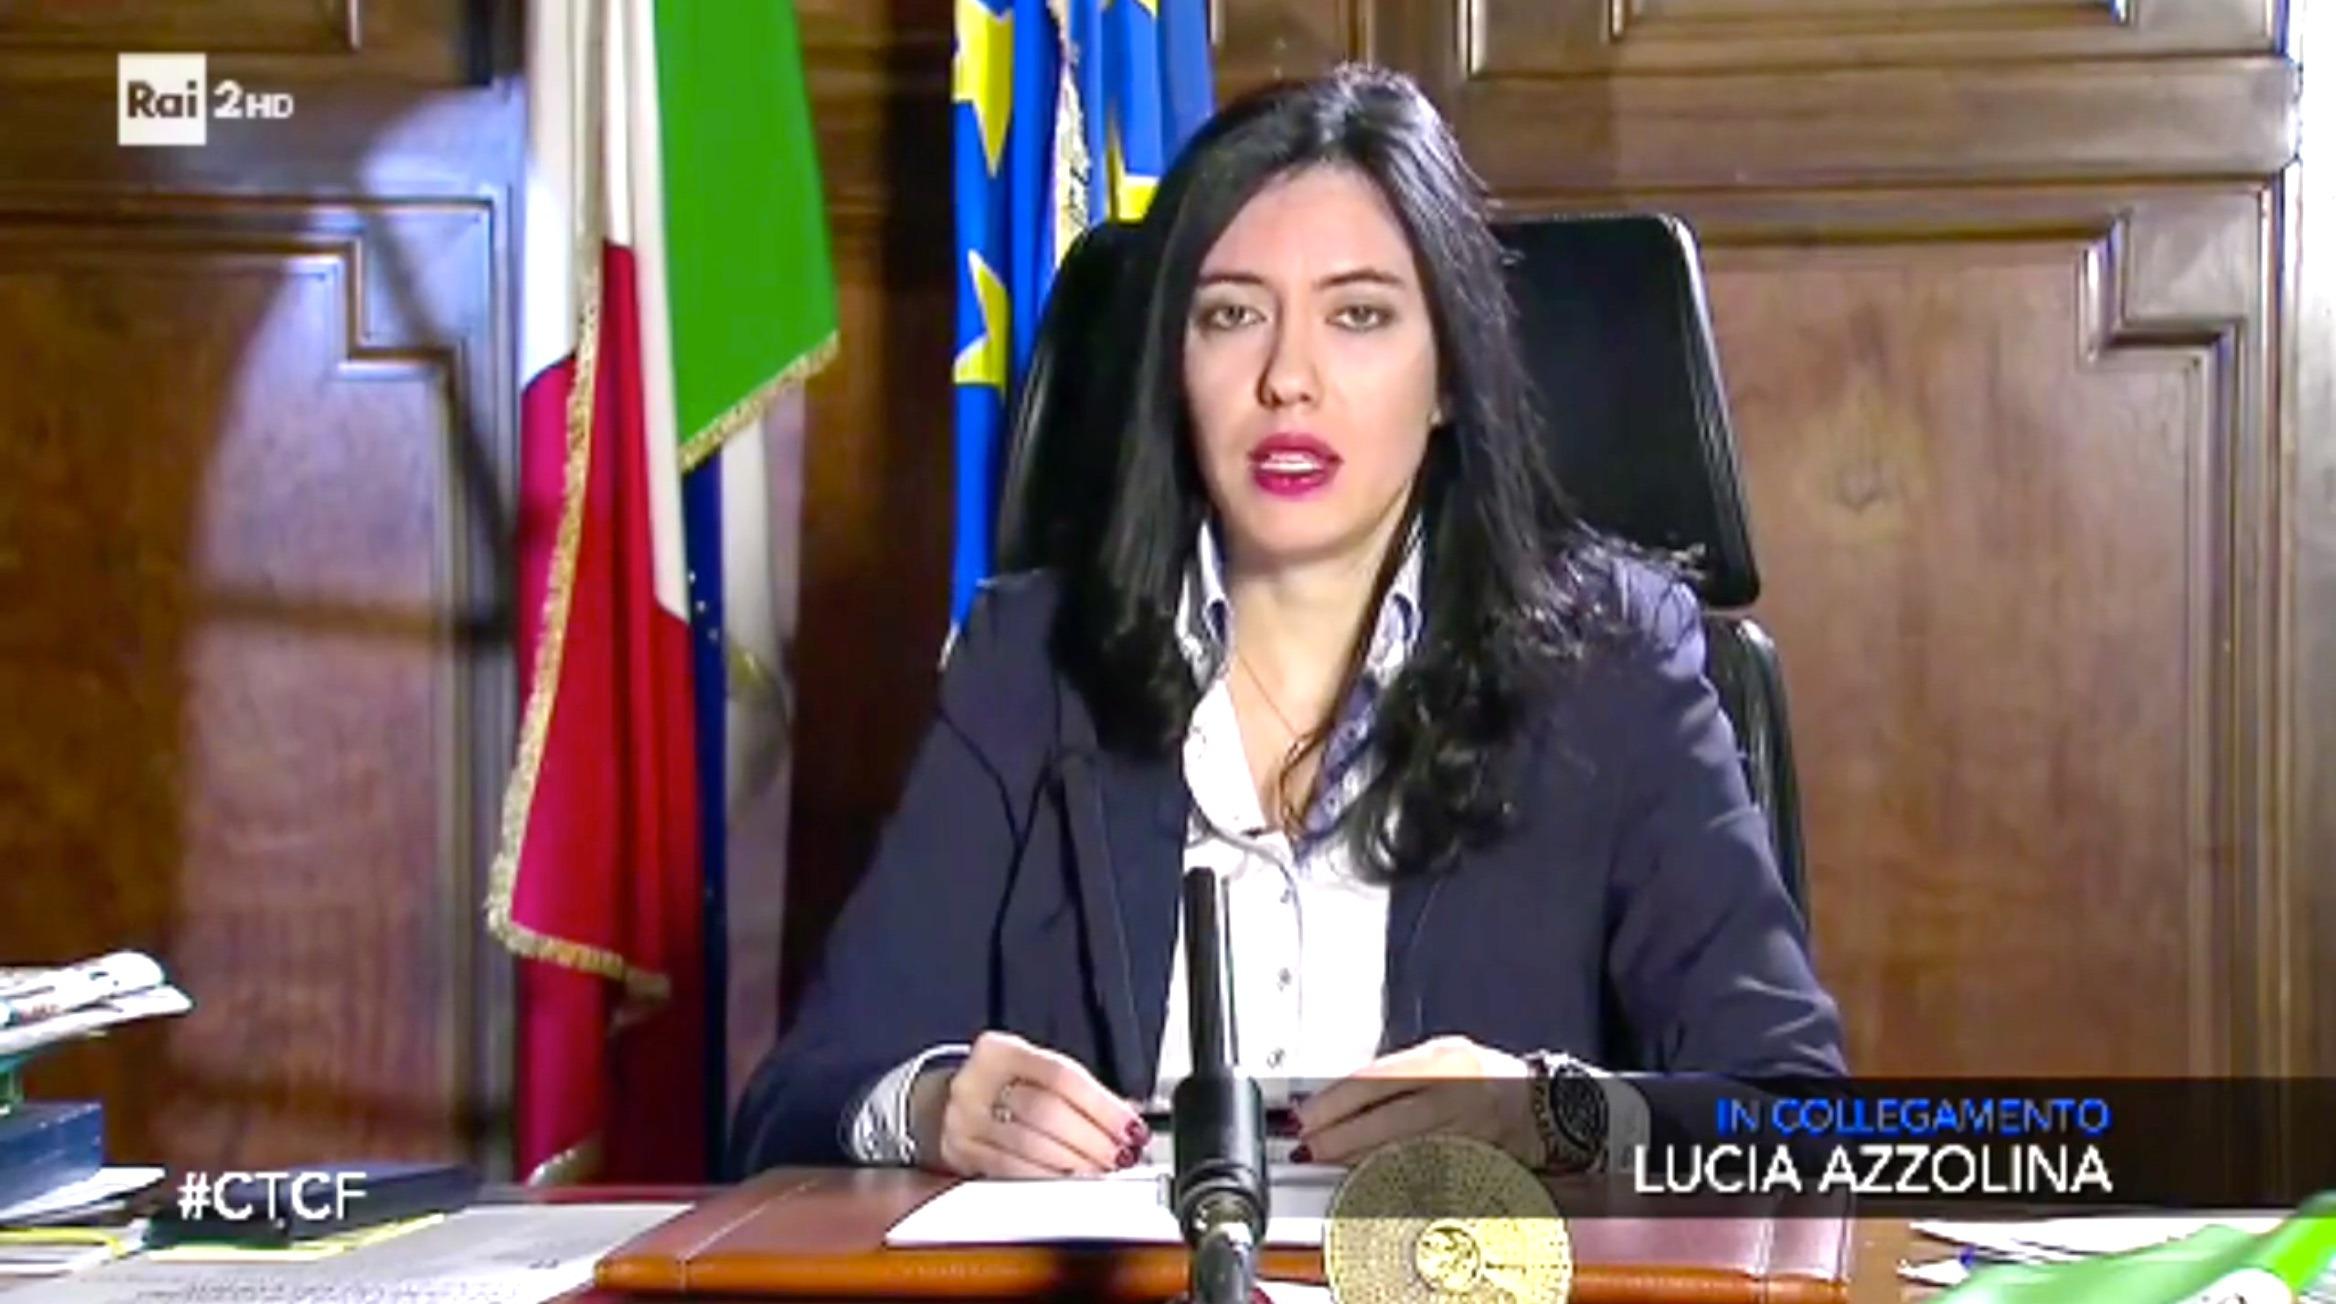 Lucia Azzolina Ministrero Istruzione MIUR